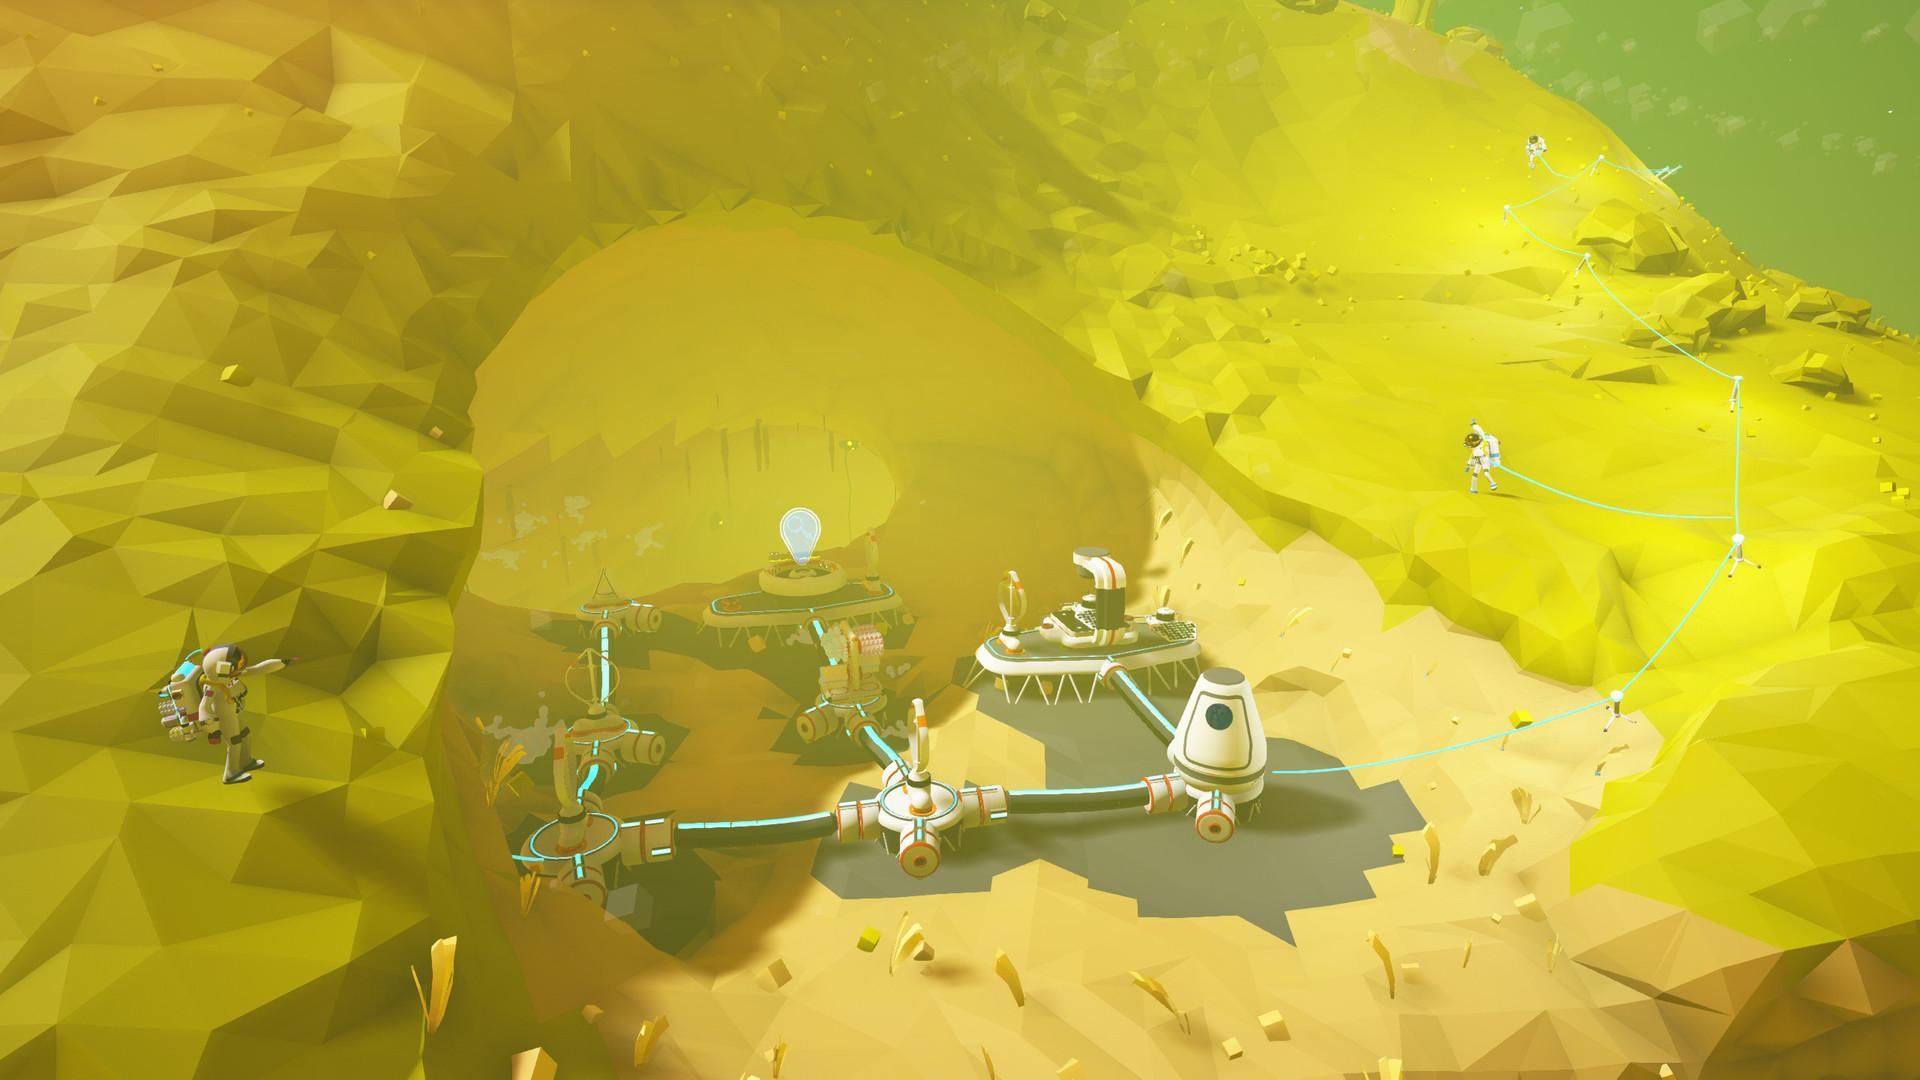 Astroneer Screenshot 3